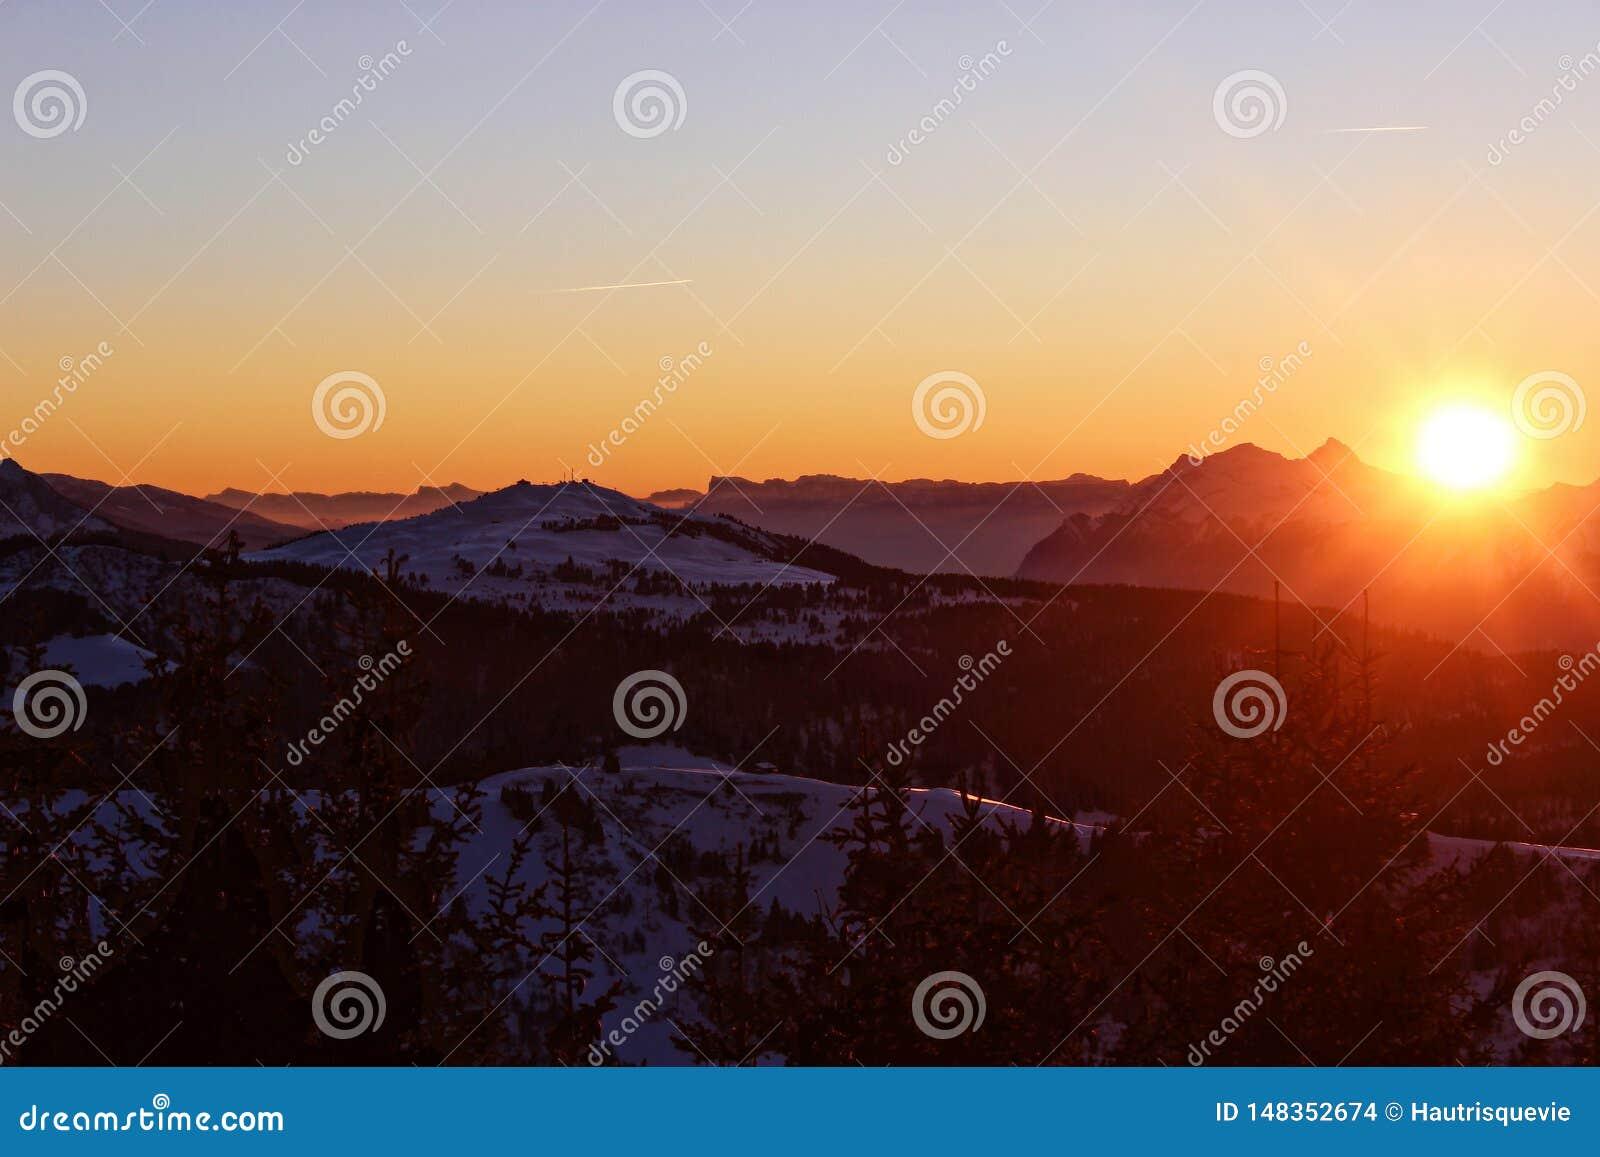 Zonsondergangliefkozing de bergen in de Franse alpen